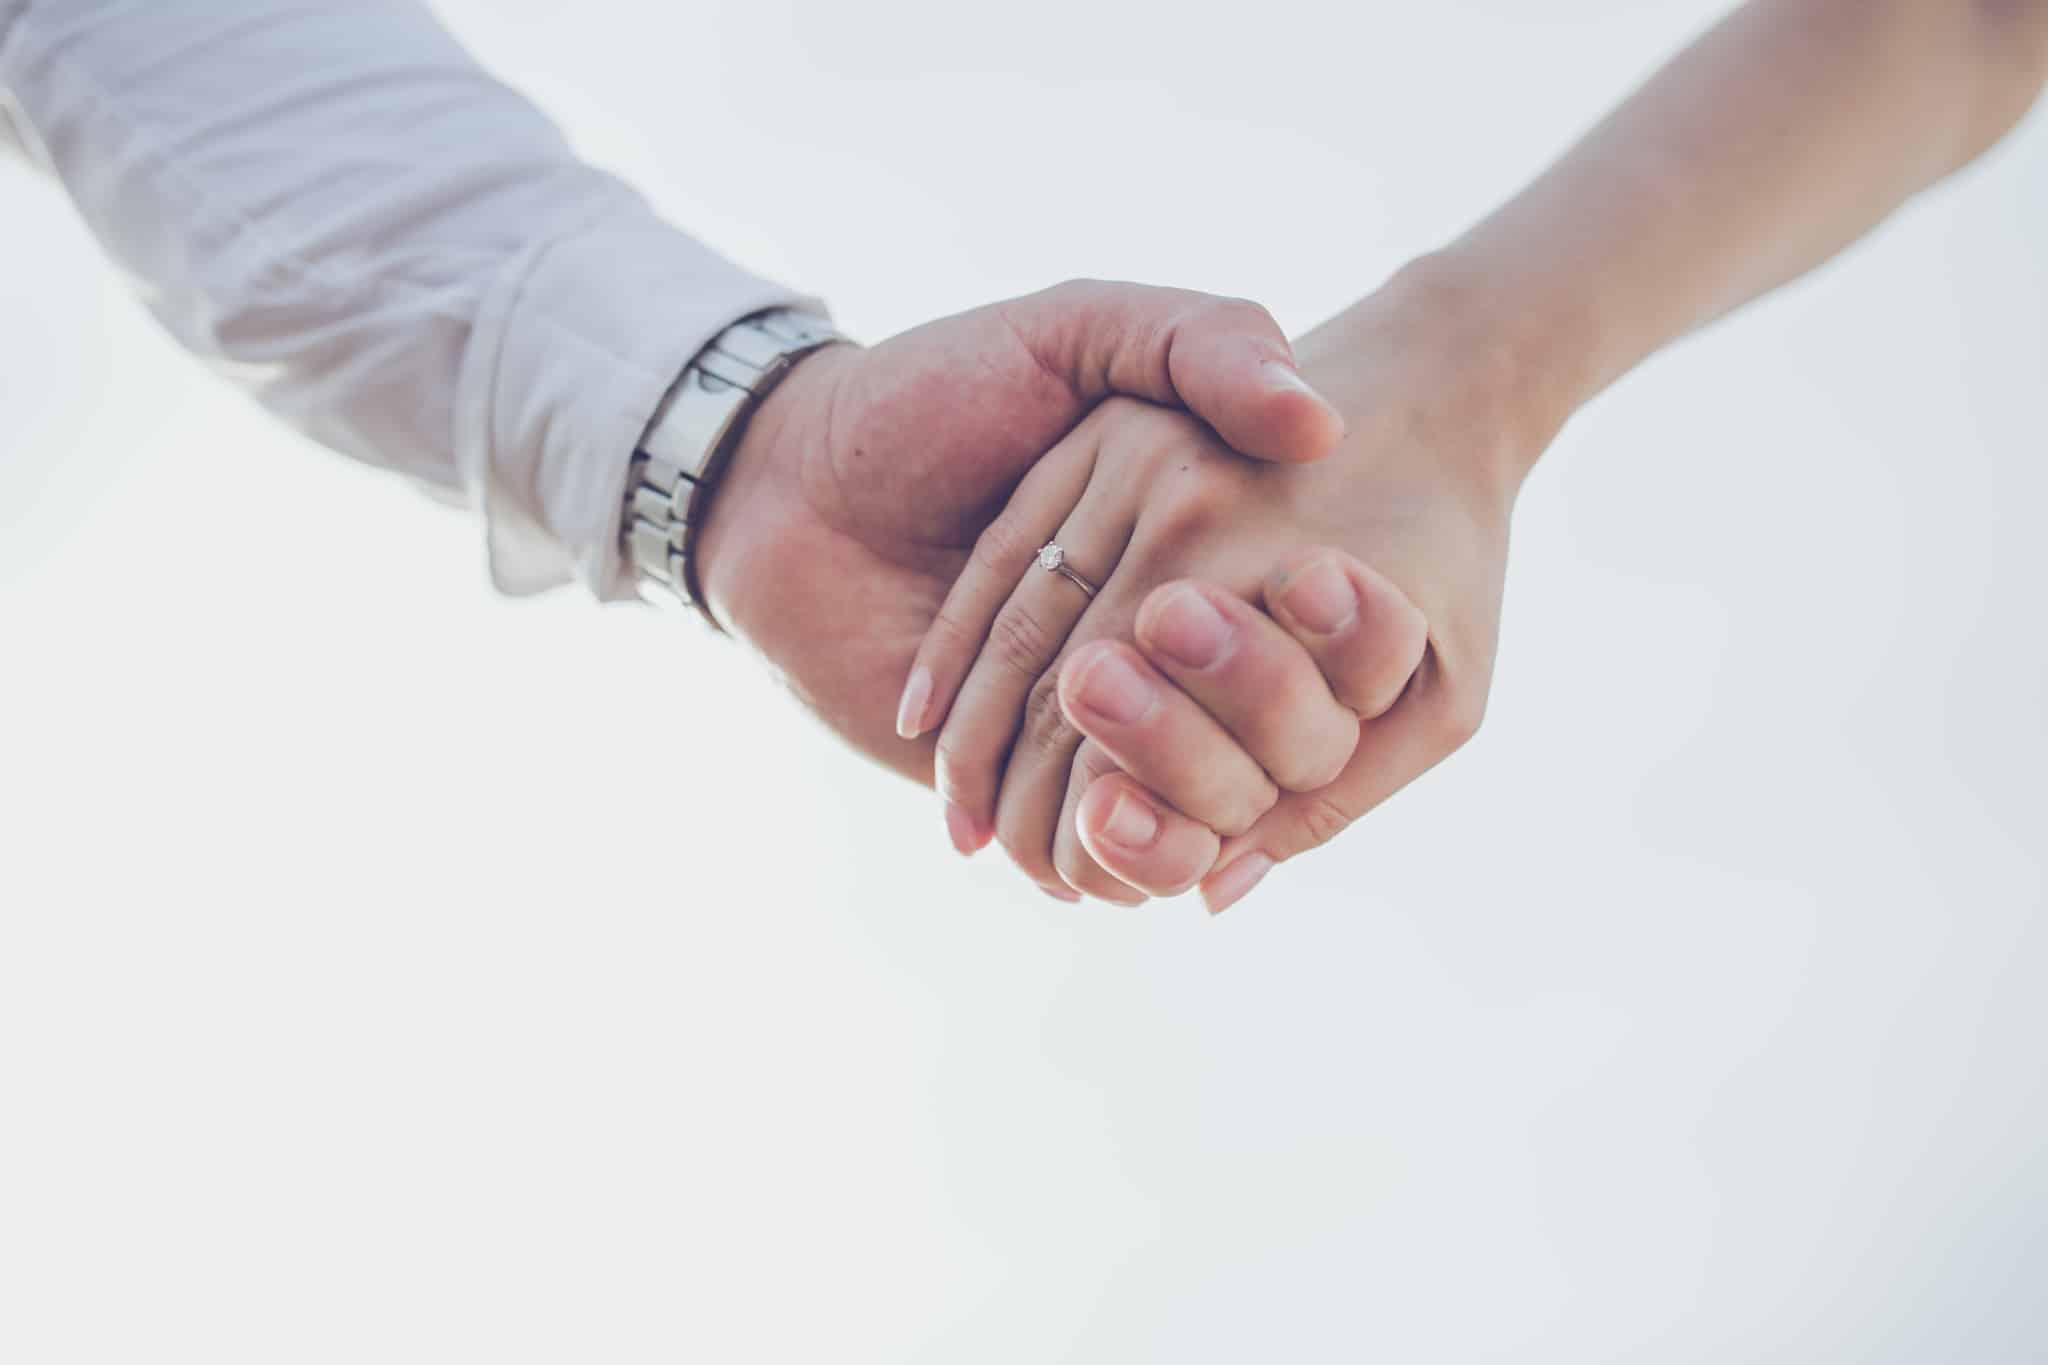 casal de maos dadas no dia do casamento